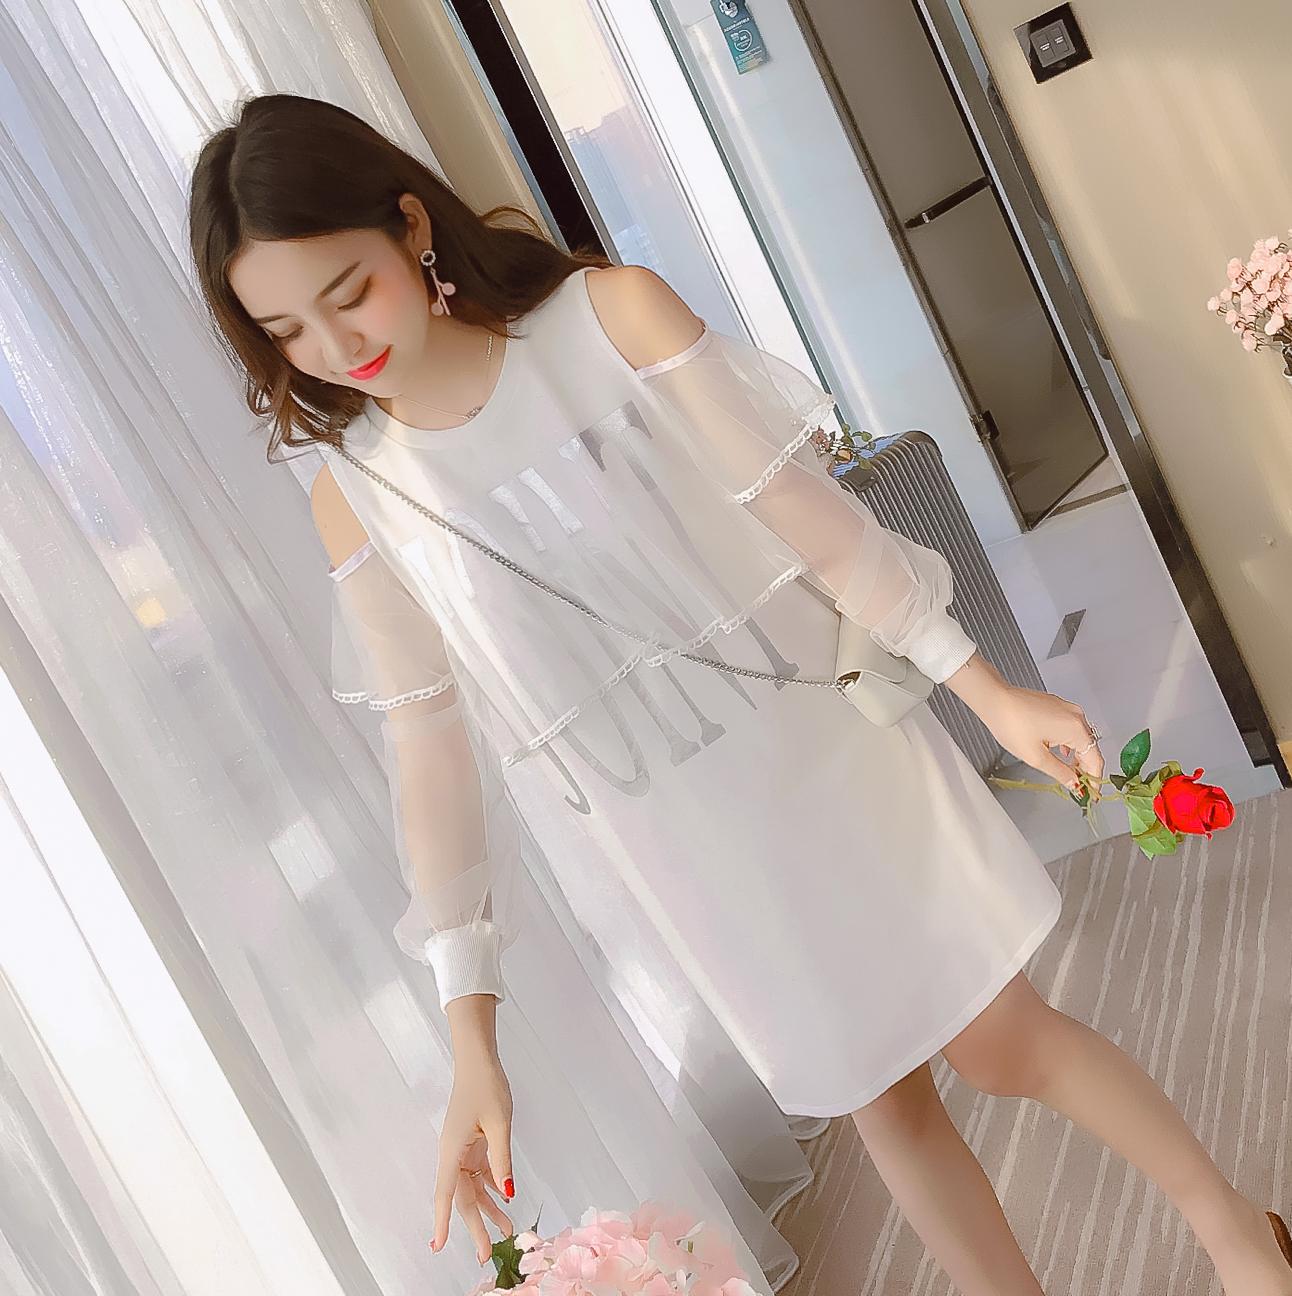 JY21871#เสื้อแฟชั่นสไตล์เกาหลีแบบเรียบหรู